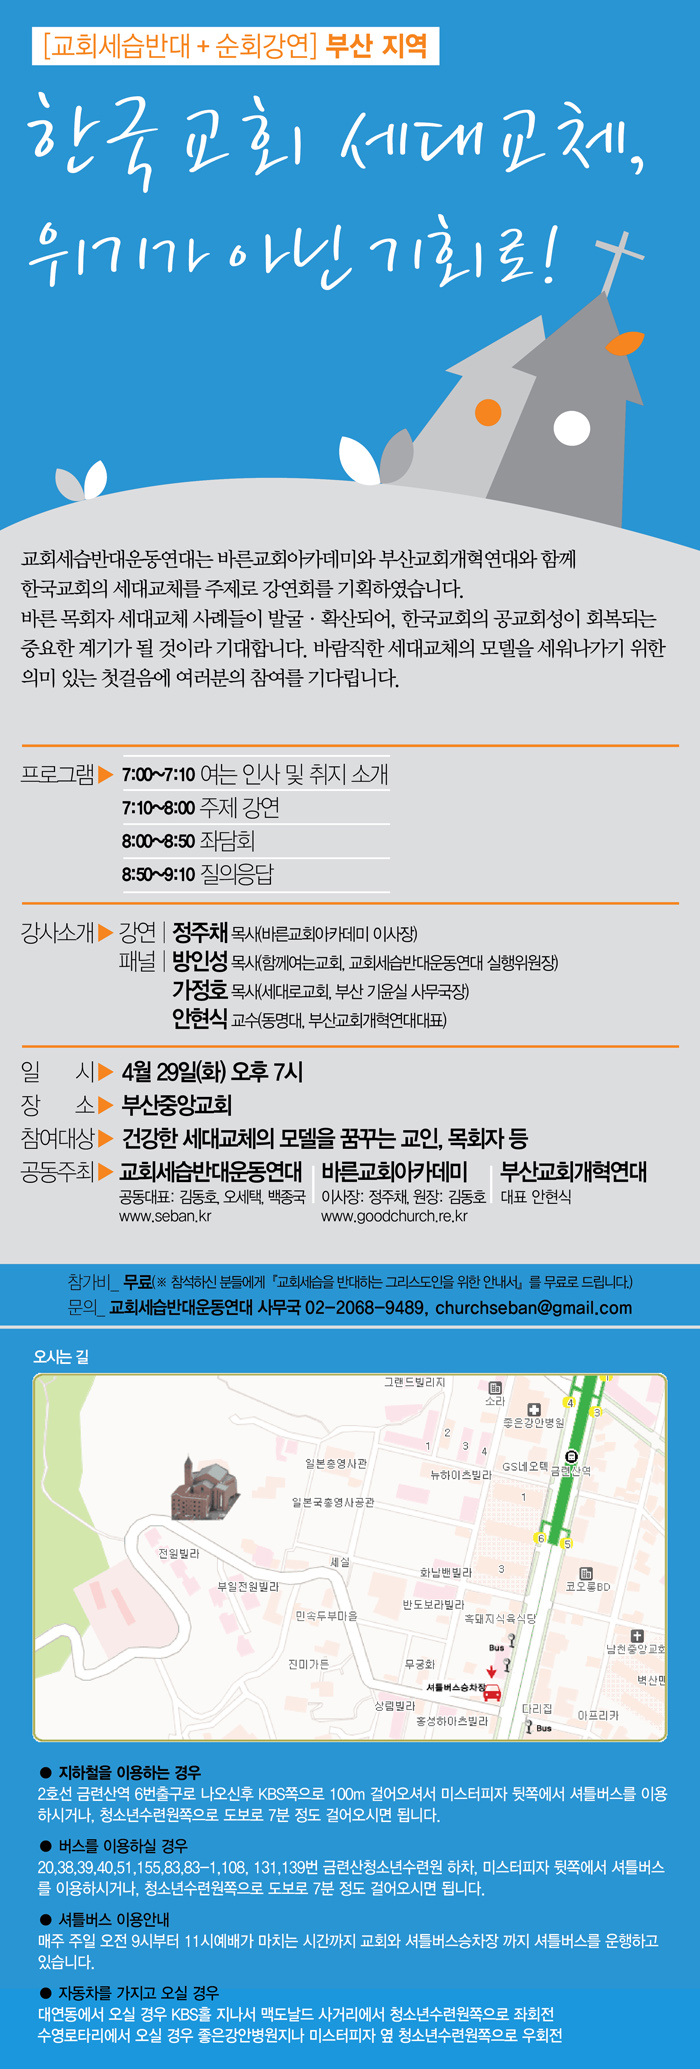 순회강연_부산_웹자보v3_700.jpg